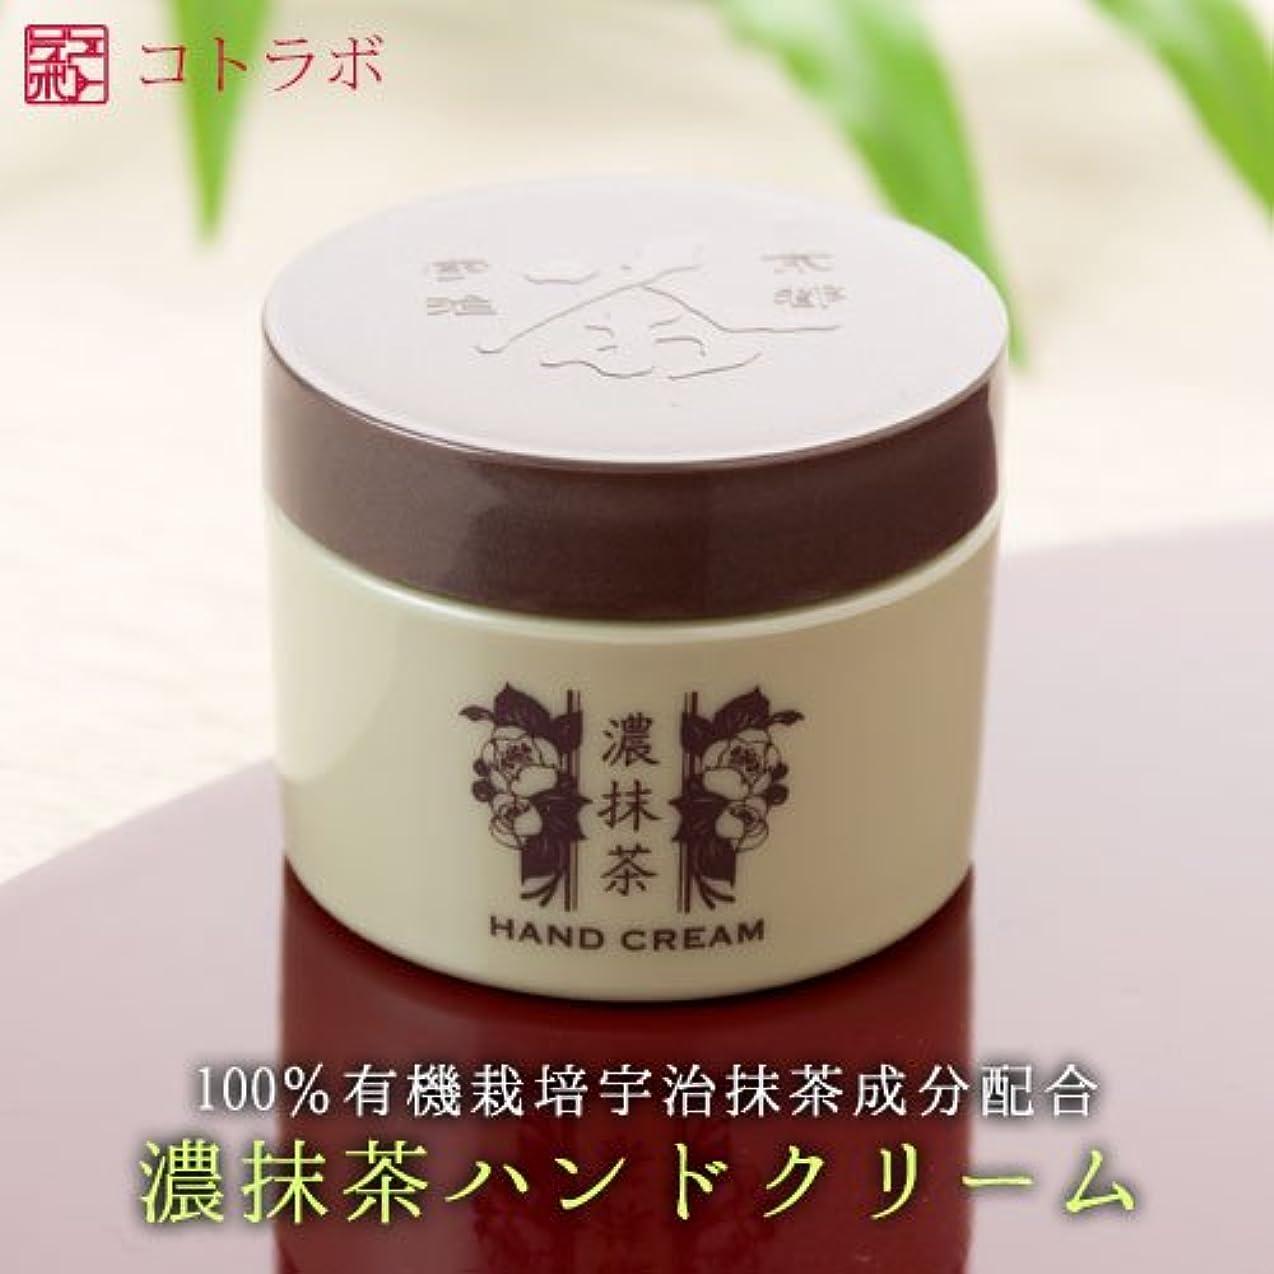 どこにも一般的にショップコトラボ 濃抹茶ハンドクリーム25g 京都産宇治抹茶パウダー配合 グリーンティーフローラルの香り 京都発のスキンケアクリーム Kyoto premium hand cream, Aroma of green tea floral